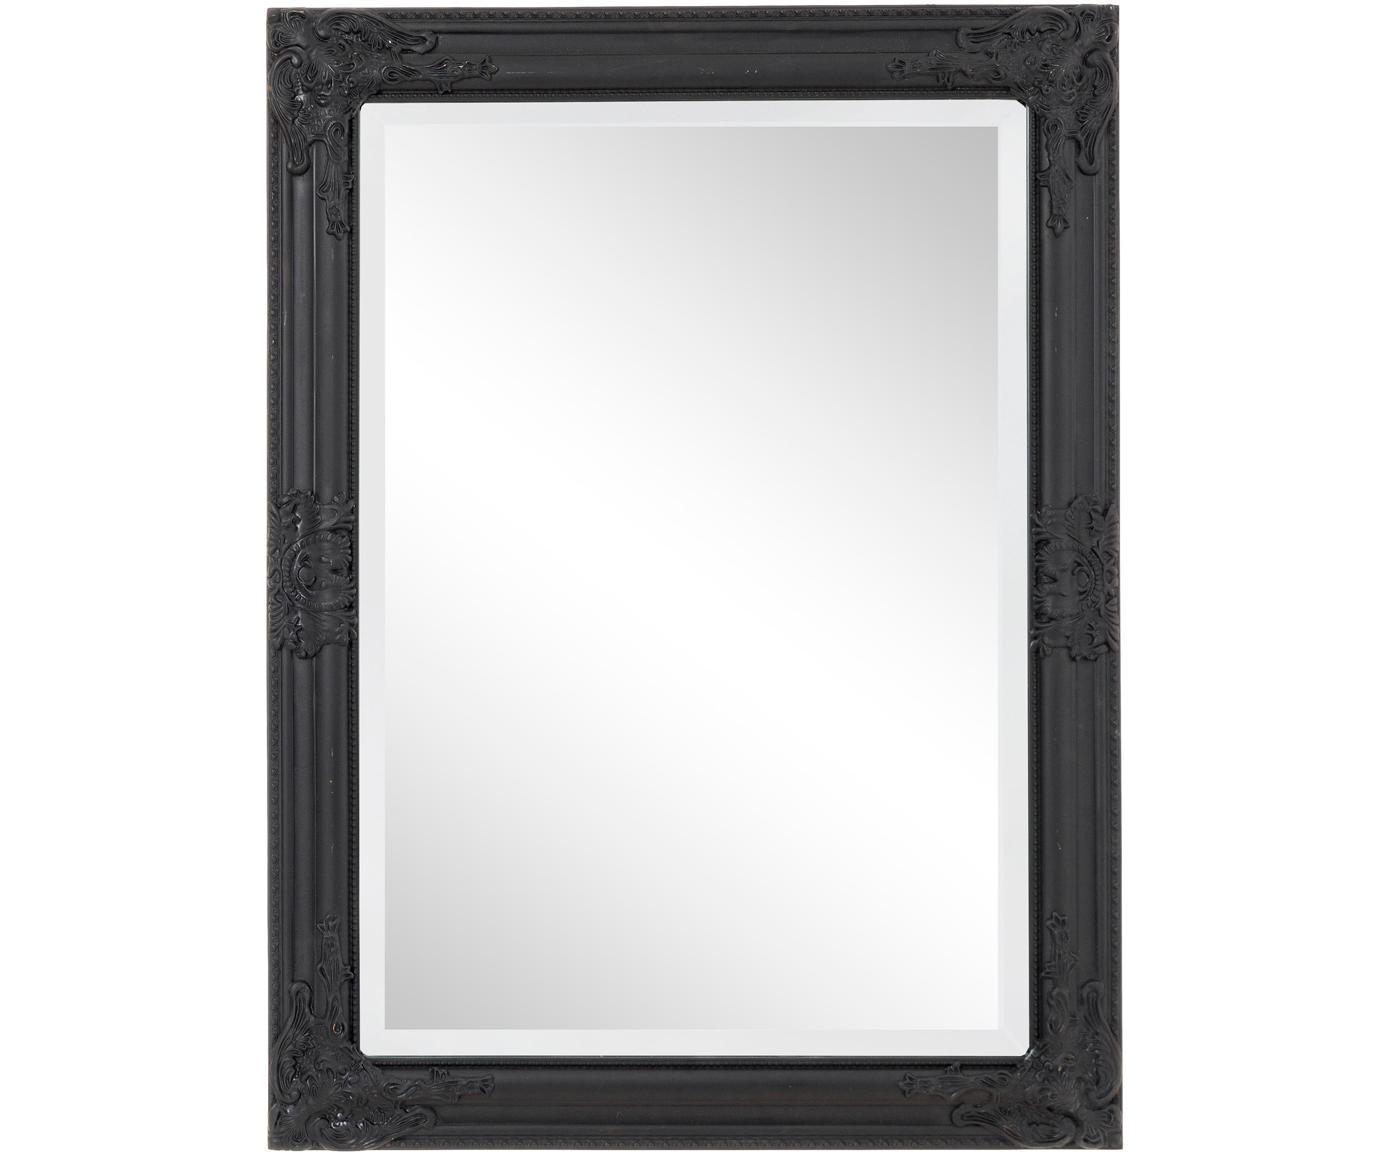 Espejo de pared Miro, Espejo: cristal, Negro, An 62 x Al 82 cm